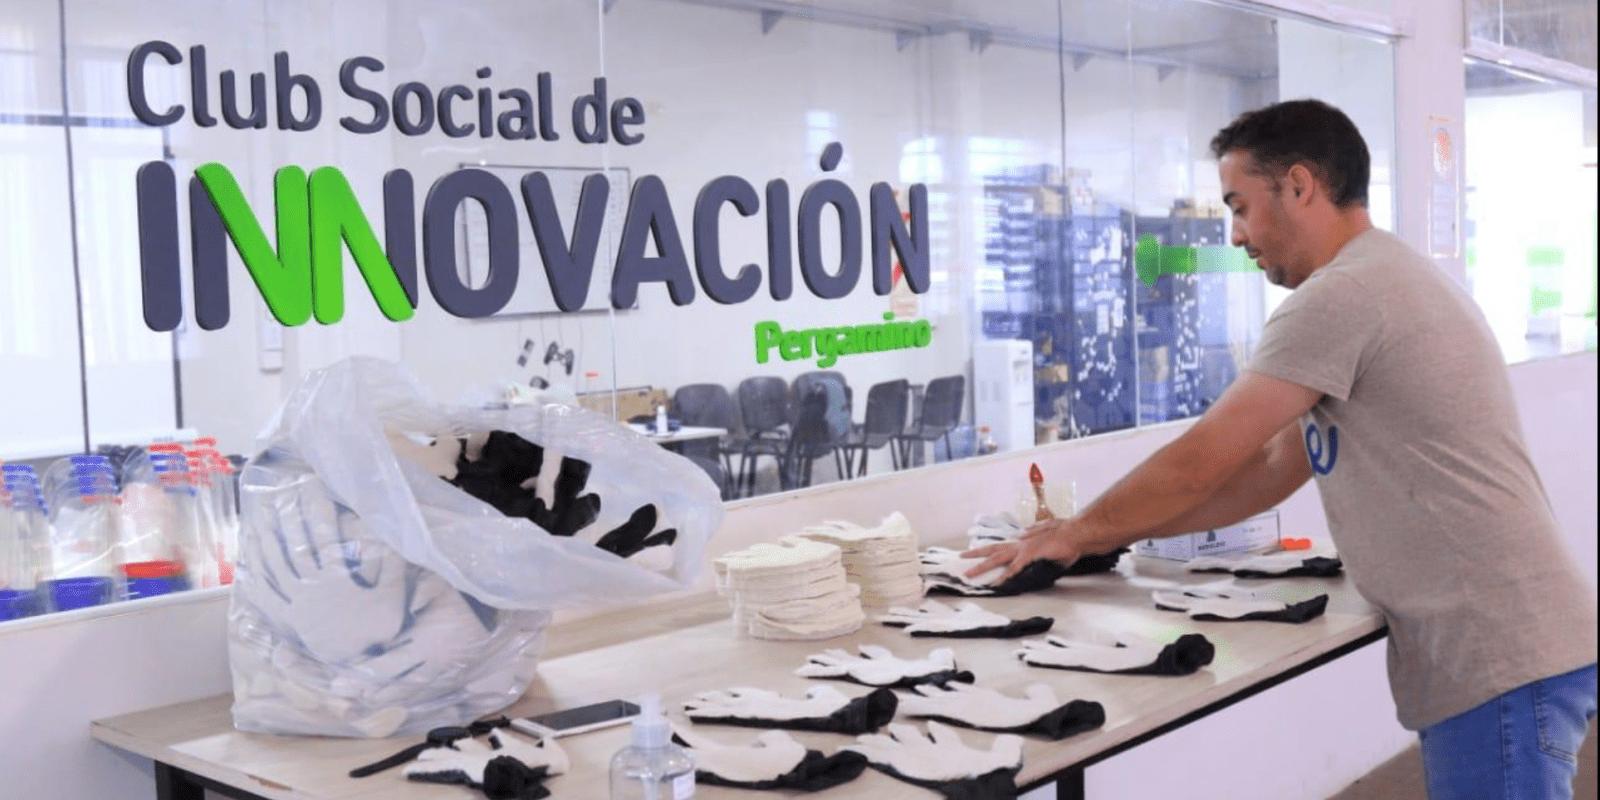 Se fabricaron más de 800 guantes que protegen y desinfectan al mismo tiempo 1